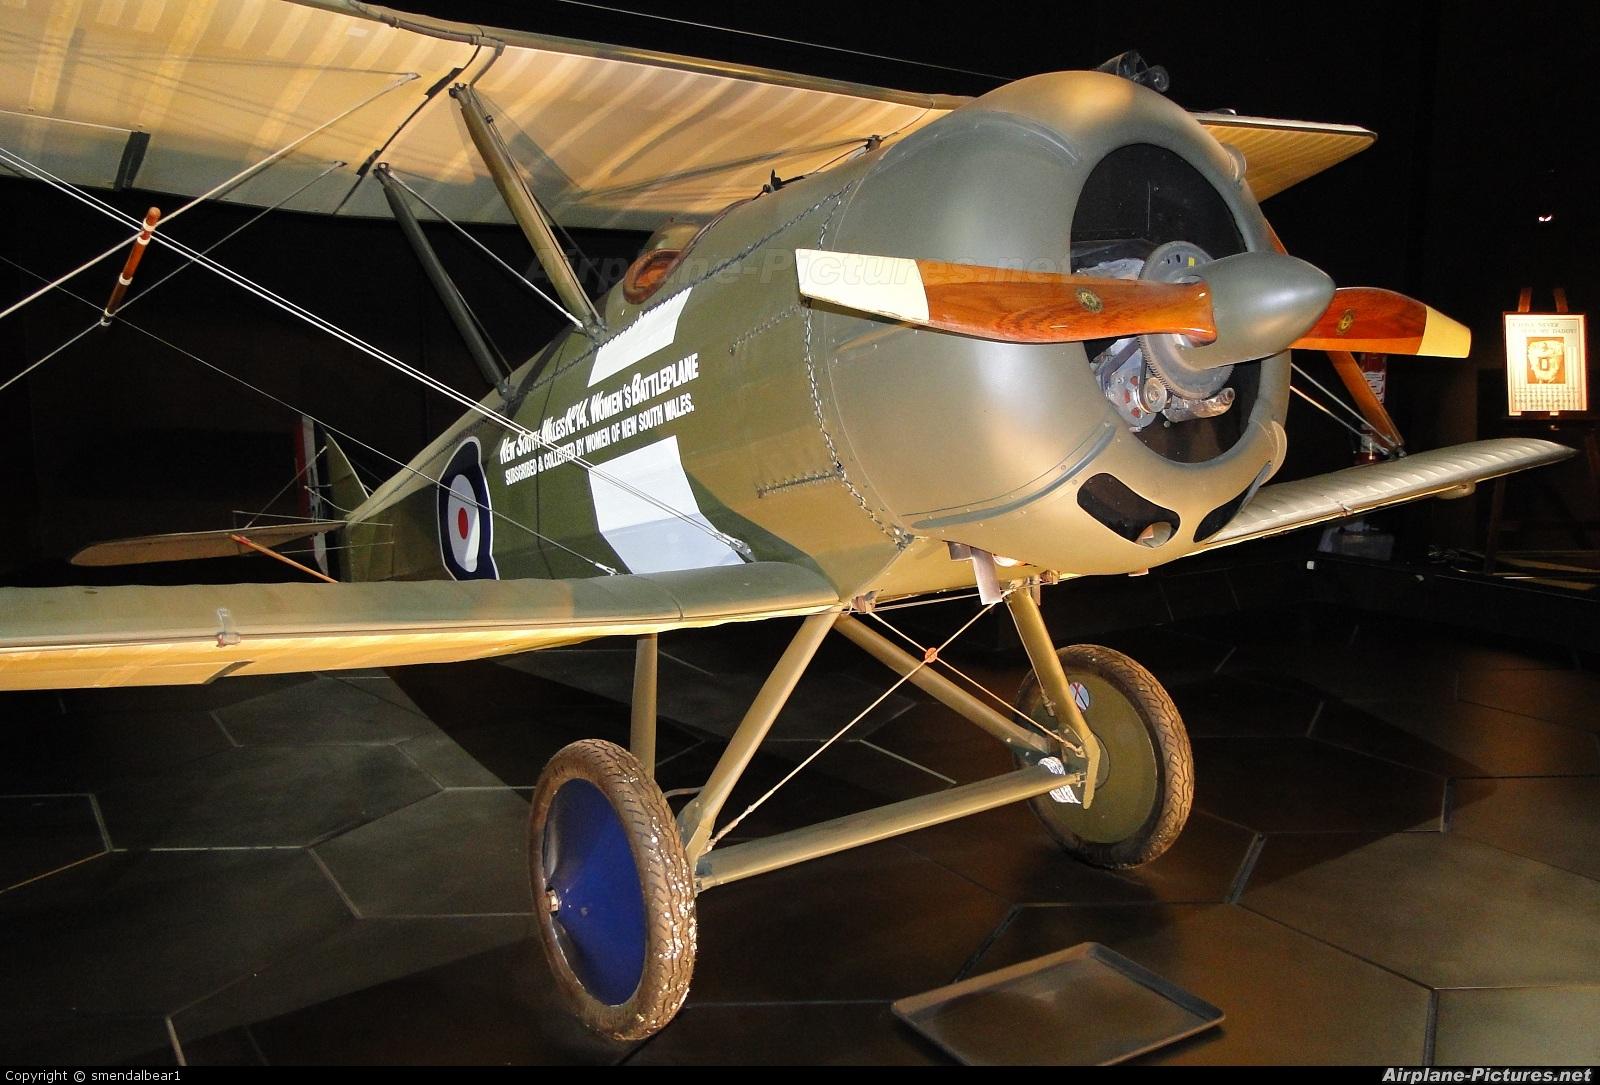 Royal Air Force A9242 aircraft at Omaka